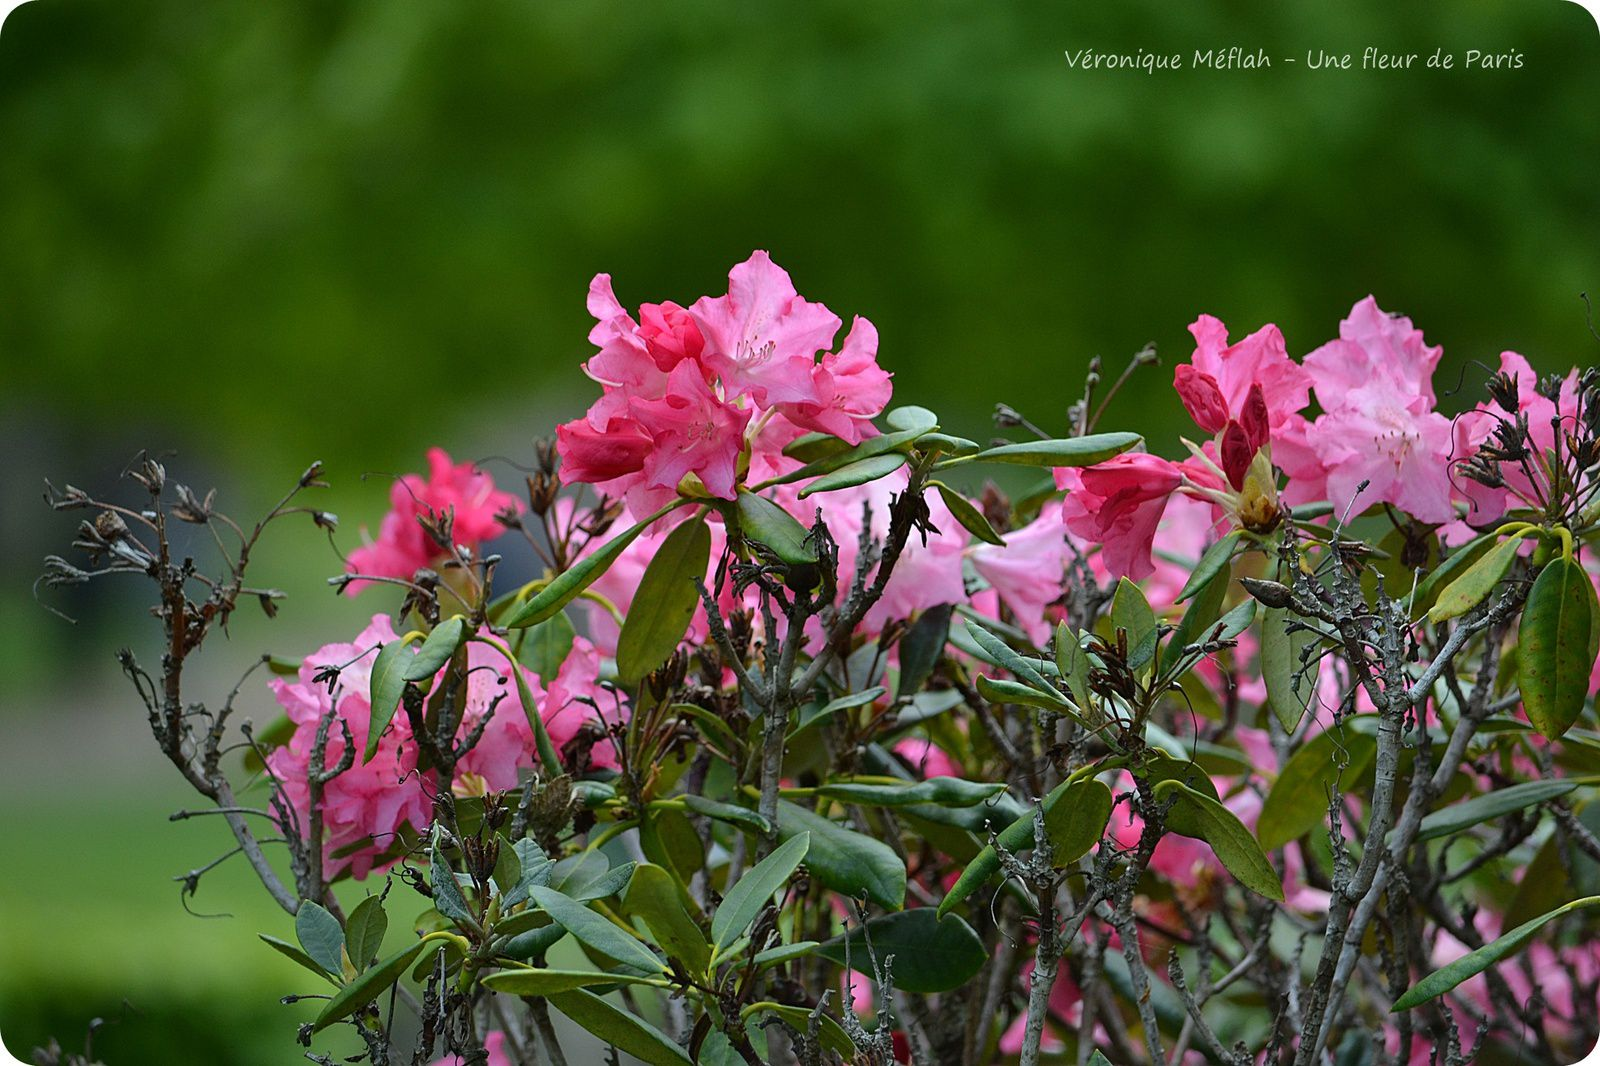 Dans le langage des fleurs, le rhododendron symbolise l'élégance et l'azalée la joie d'aimer.